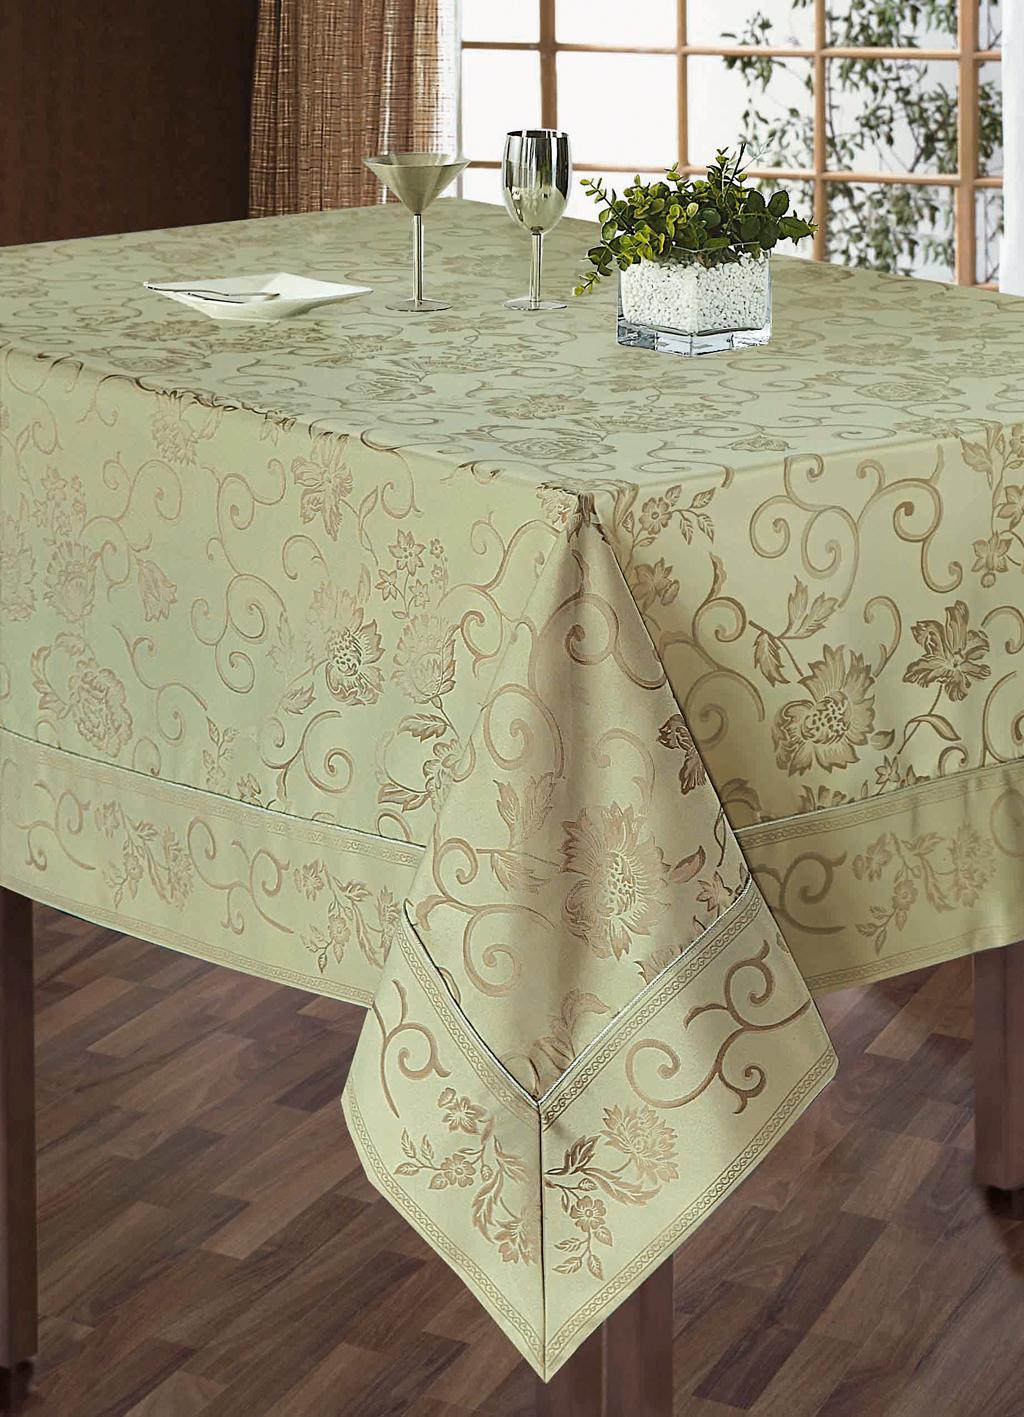 Комплект столового белья SL, цвет: бежевый, 5 предметов. 10111811-012Роскошный комплект столового белья SL состоит из скатерти прямоугольной формы и 4 квадратных салфеток. Комплект выполнен из жаккарда с изящным цветочным рисунком. Комплект, несомненно, придаст интерьеру уют и внесет что-то новое. Использование такого комплекта сделает застолье более торжественным, поднимет настроение гостей и приятно удивит их вашим изысканным вкусом. Вы можете использовать этот комплект для повседневной трапезы, превратив каждый прием пищи в волшебный праздник и веселье.Жаккард - это гладкая, безворсовая ткань сложного плетения, в состав которой входят как синтетические, так и органические волокна. У белья из жаккардовой ткани гладкая и приятная на ощупь фактура. Его контурный рисунок, созданный благодаря особому плетению, выглядит дорого и изящно. Здесь воссоединились блеск шелка и уютная мягкость хлопка. Жаккардовые ткани очень прочны и долговечны, очень удобны в эксплуатации. Комплект упакован в красивую подарочную коробку.Soft Line - мягкая эстетика для вас и вашего дома!Основанная в 1997 году, компания Soft Line является путеводителем по мягкому миру текстиля, полному удивительных достопримечательностей!Высочайшее качество тканей в сочетании с эксклюзивным дизайном и изысканными отделками неизменно привлекают как требовательного покупателя, так и взыскательного профессионала! Материал: жаккард (100% полиэстер).В комплект входит: Скатерть - 1 шт. Размер: 150 см х 180 см. Салфетки - 4 шт. Размер: 40 см х 40 см.